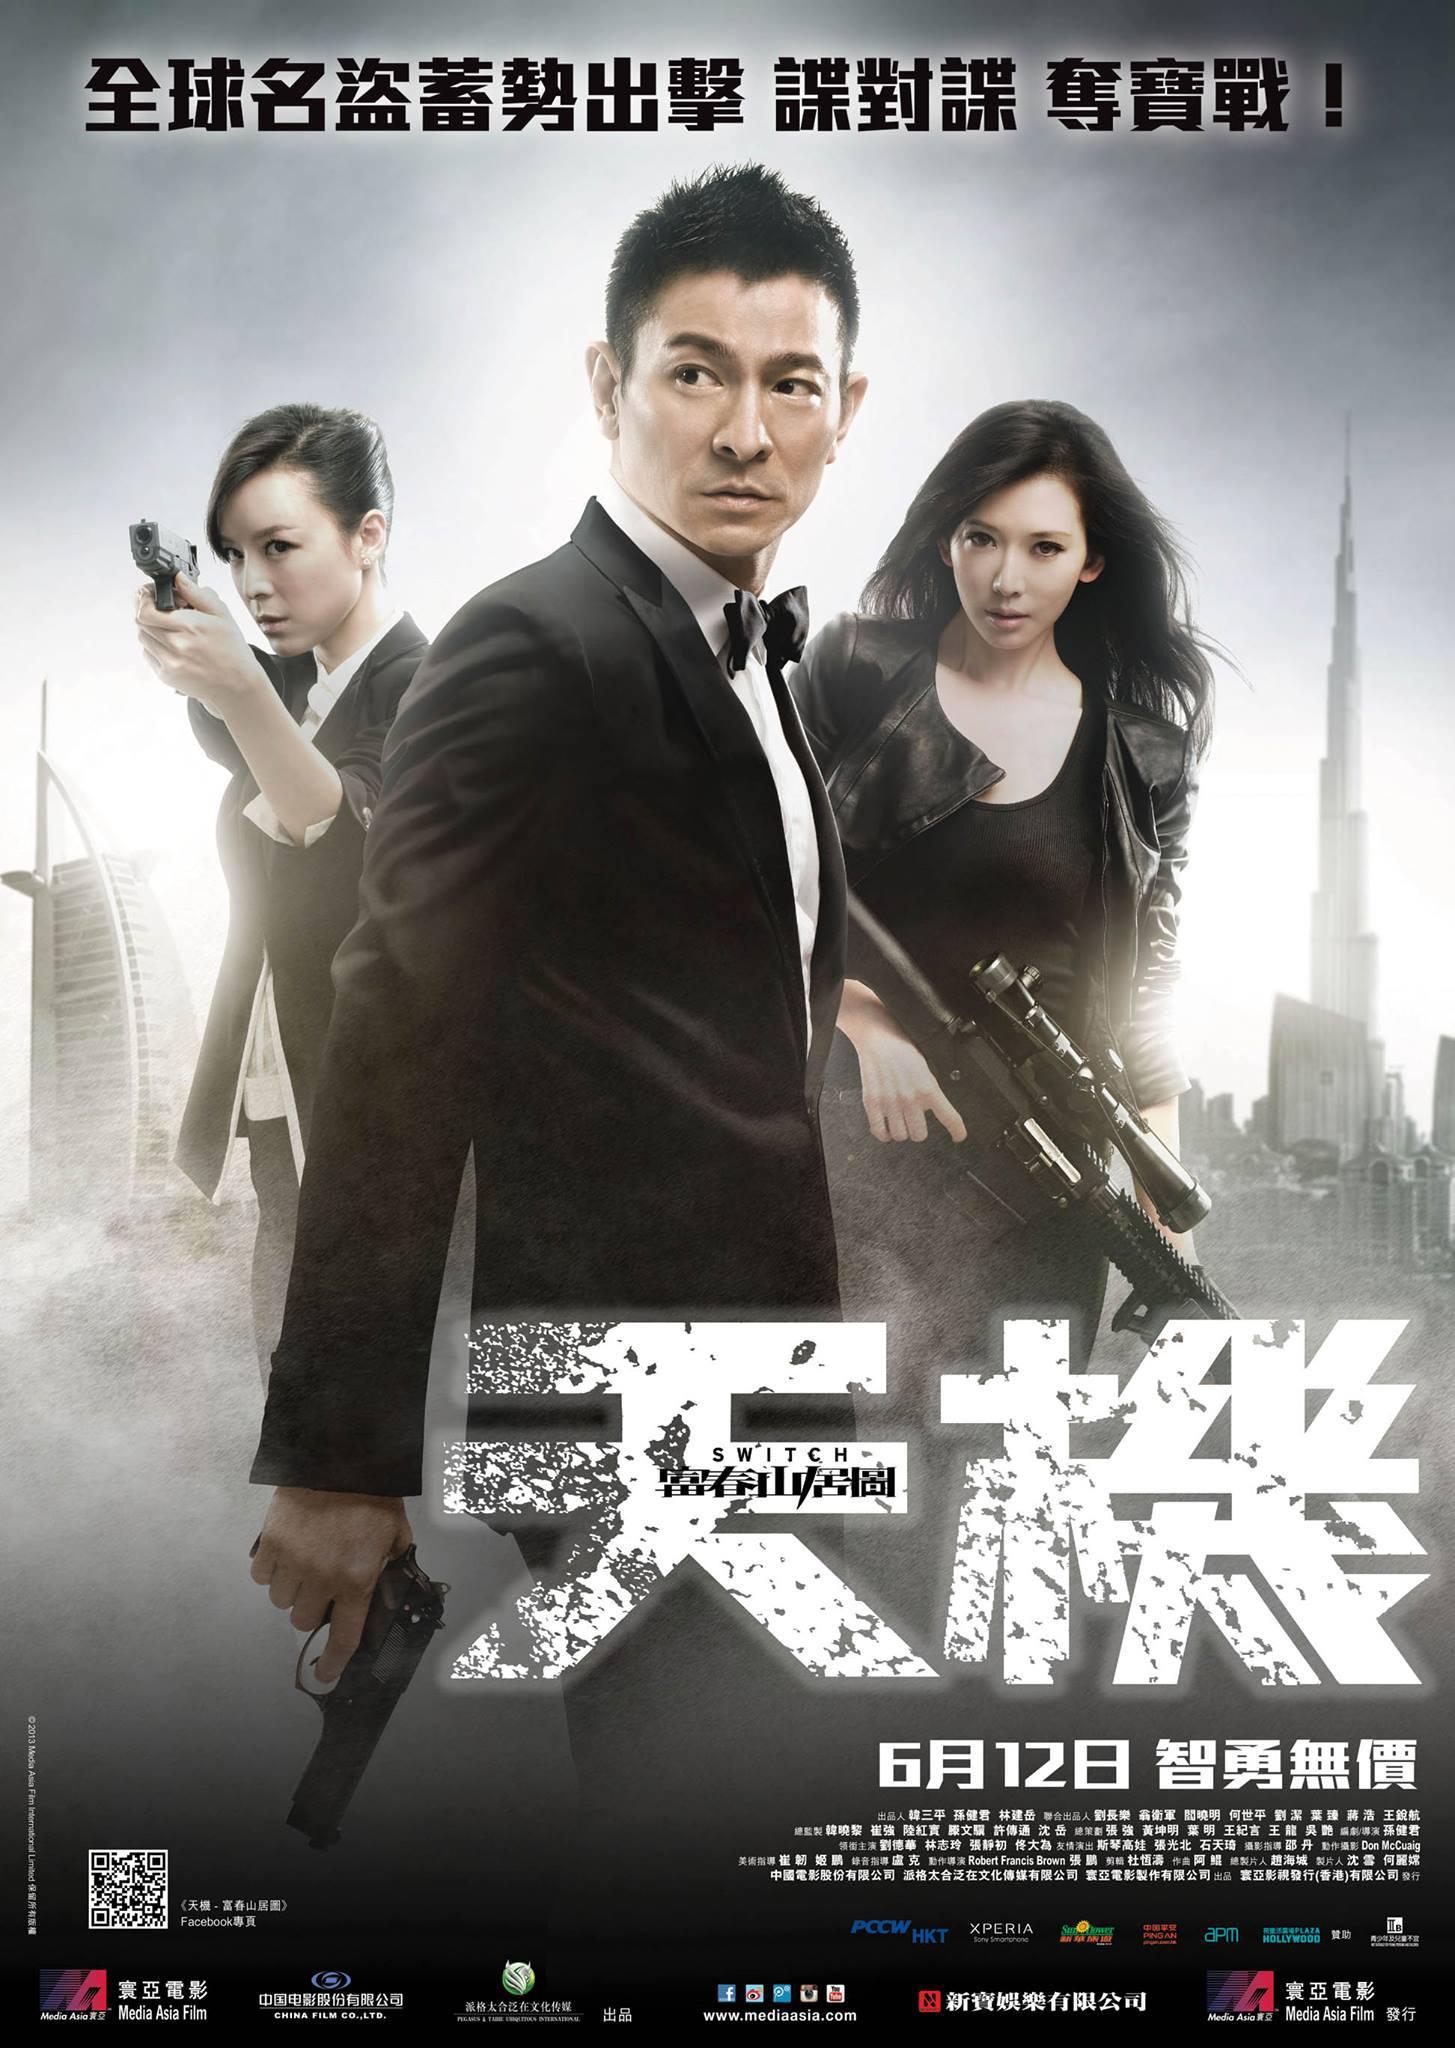 ดูหนังออนไลน์ Tian ji: Fu chun shan ju tu (2013)